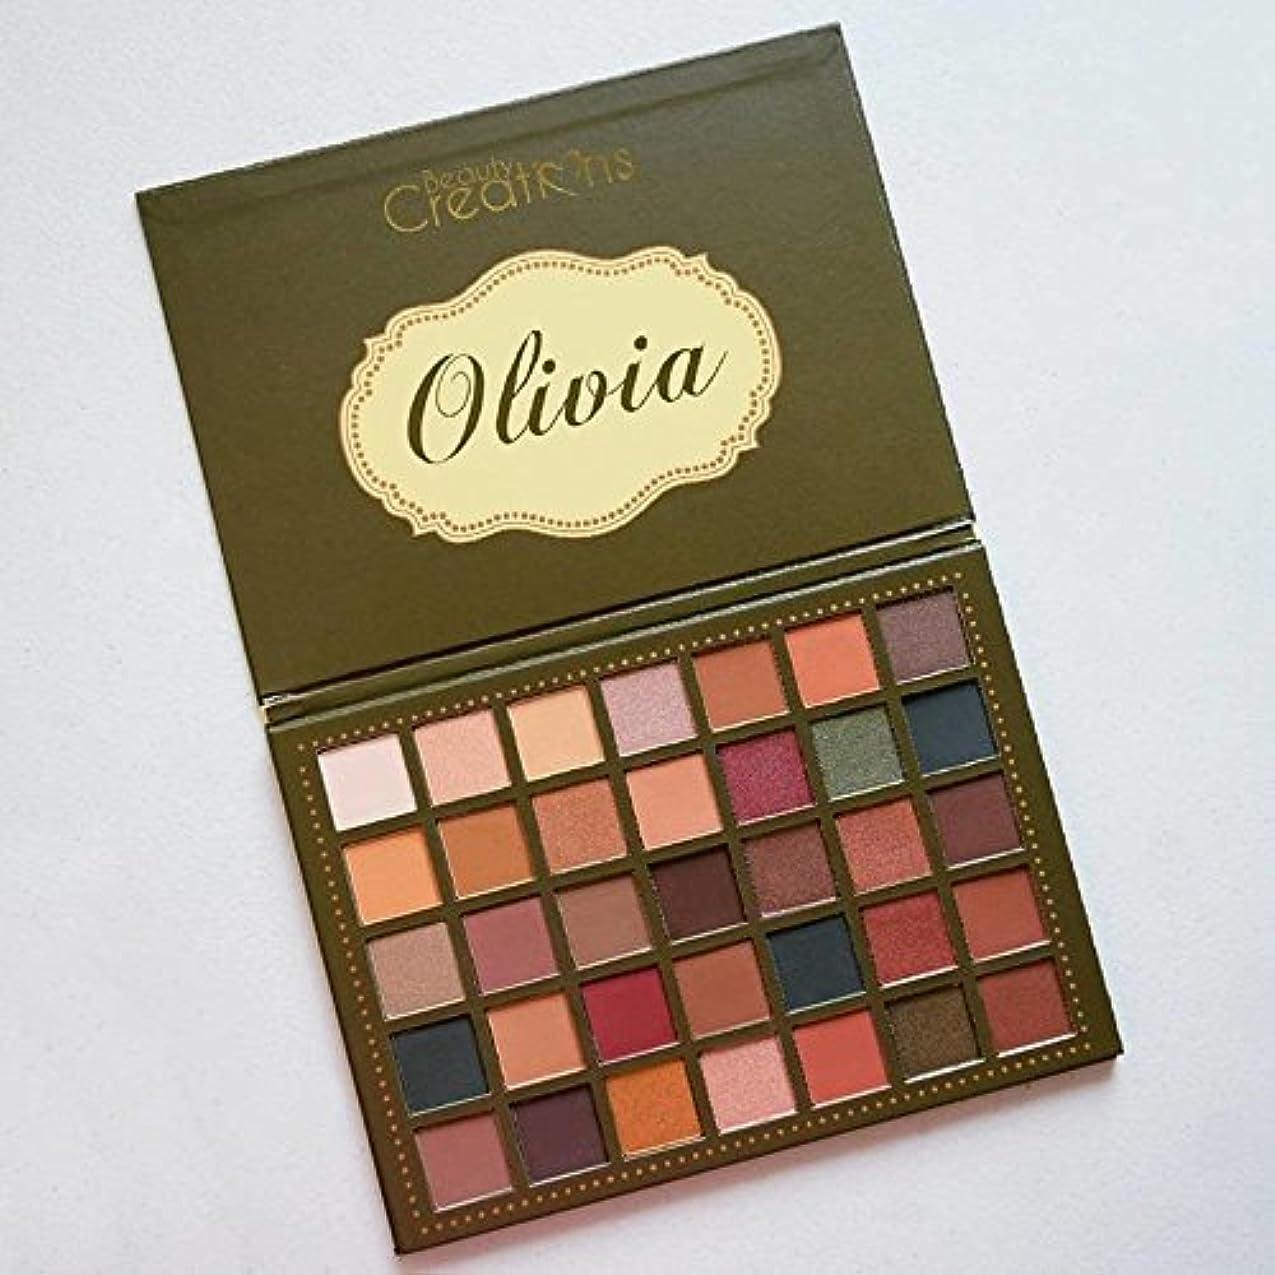 ダイヤモンドひいきにする故障BEAUTY CREATIONS 35 Color Palette - Olivia (並行輸入品)